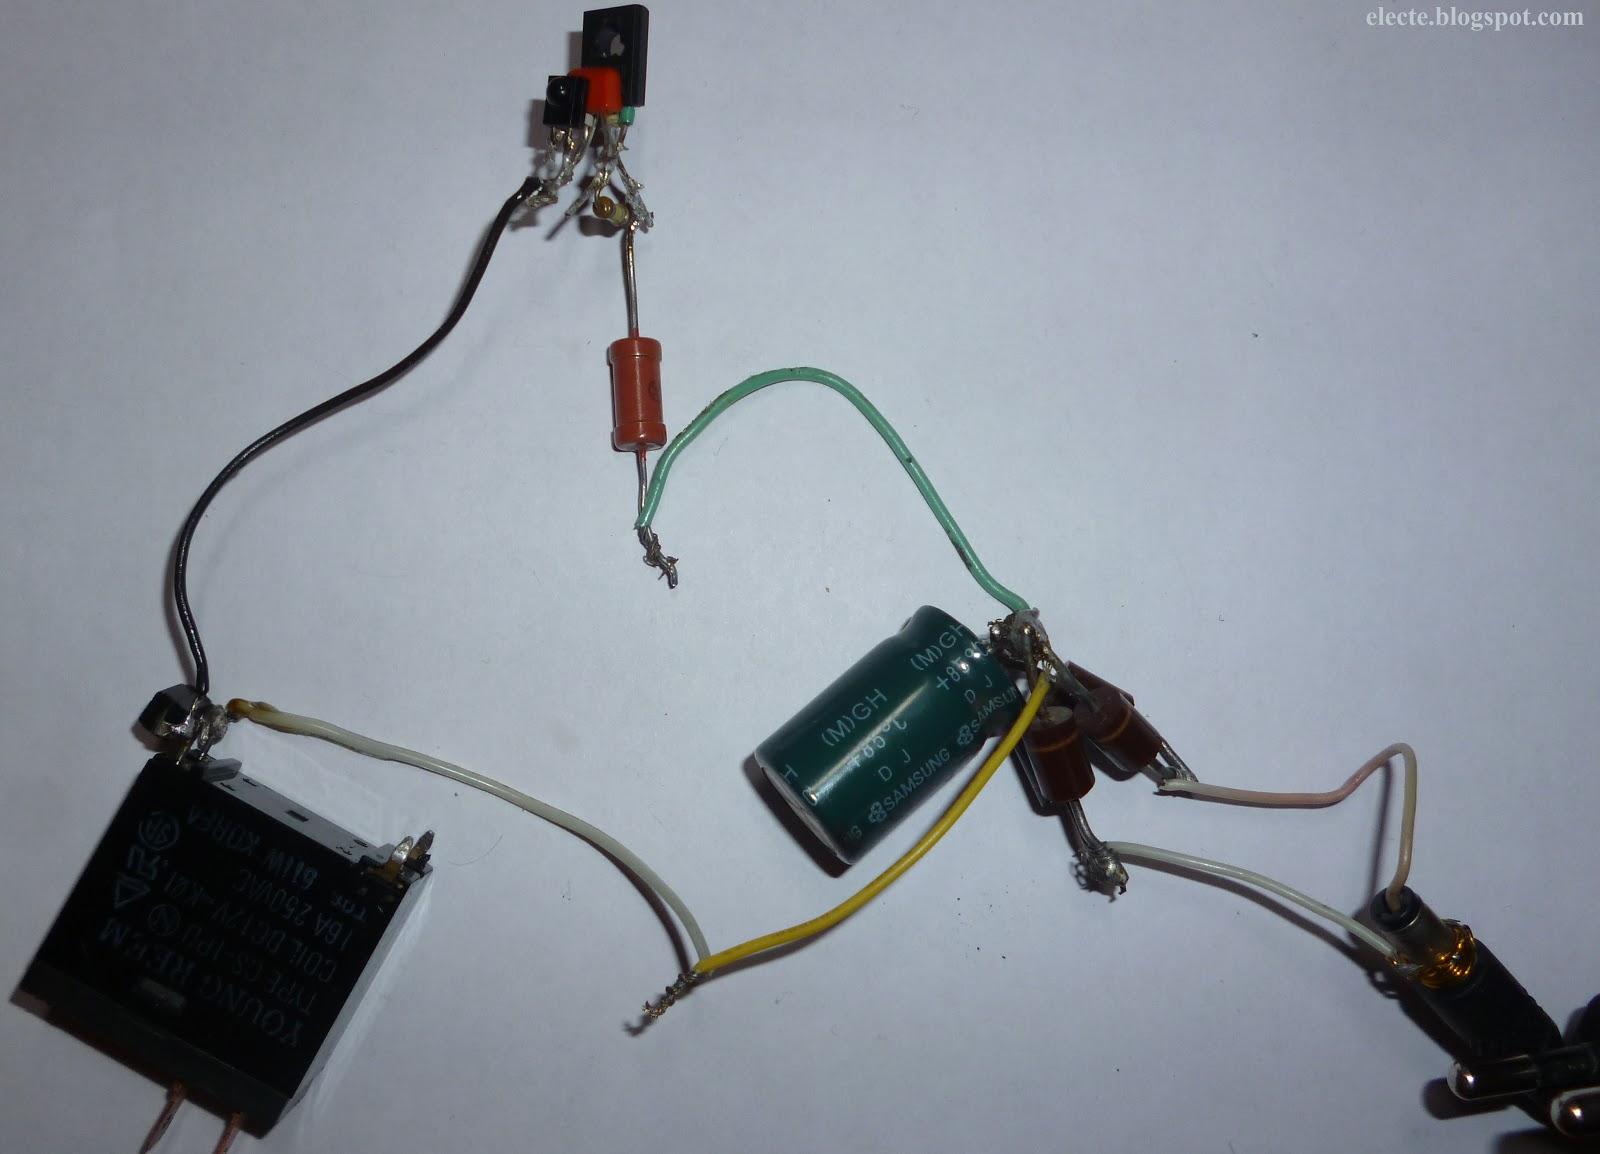 датчик реанирующий на свет электрическая схема